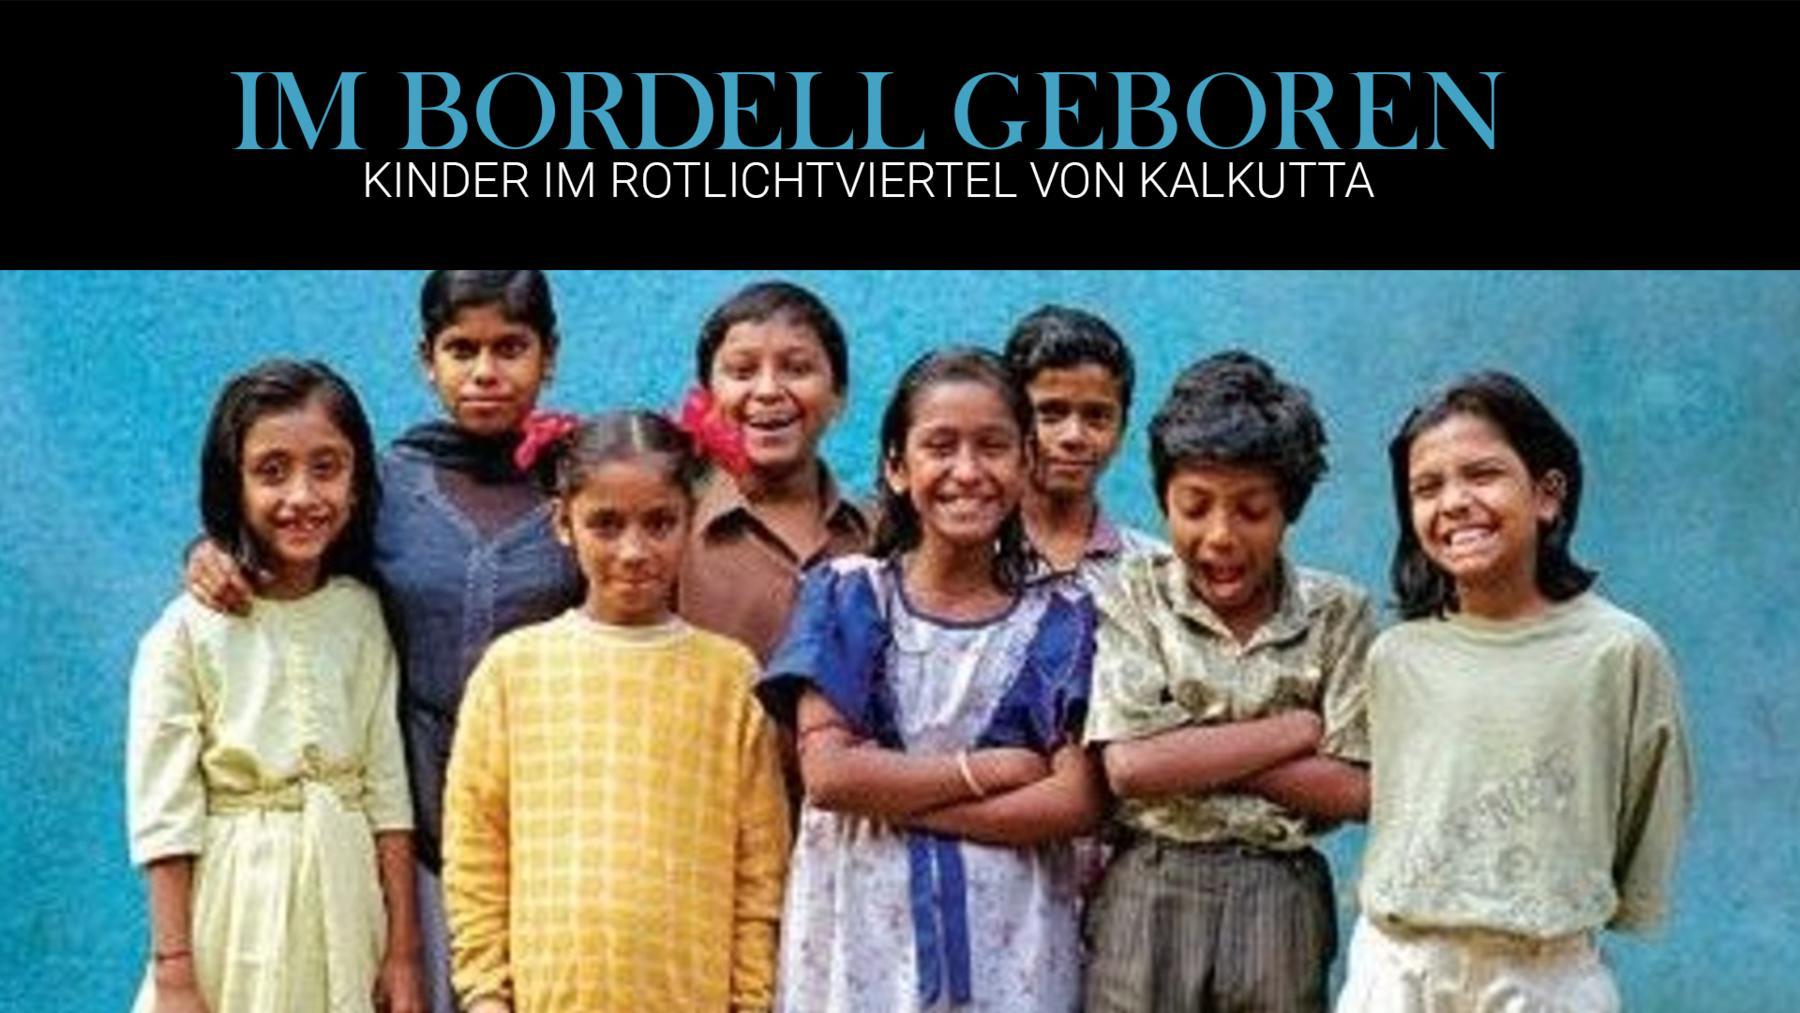 Im Bordell geboren - Kinder im Rotlichtviertel von